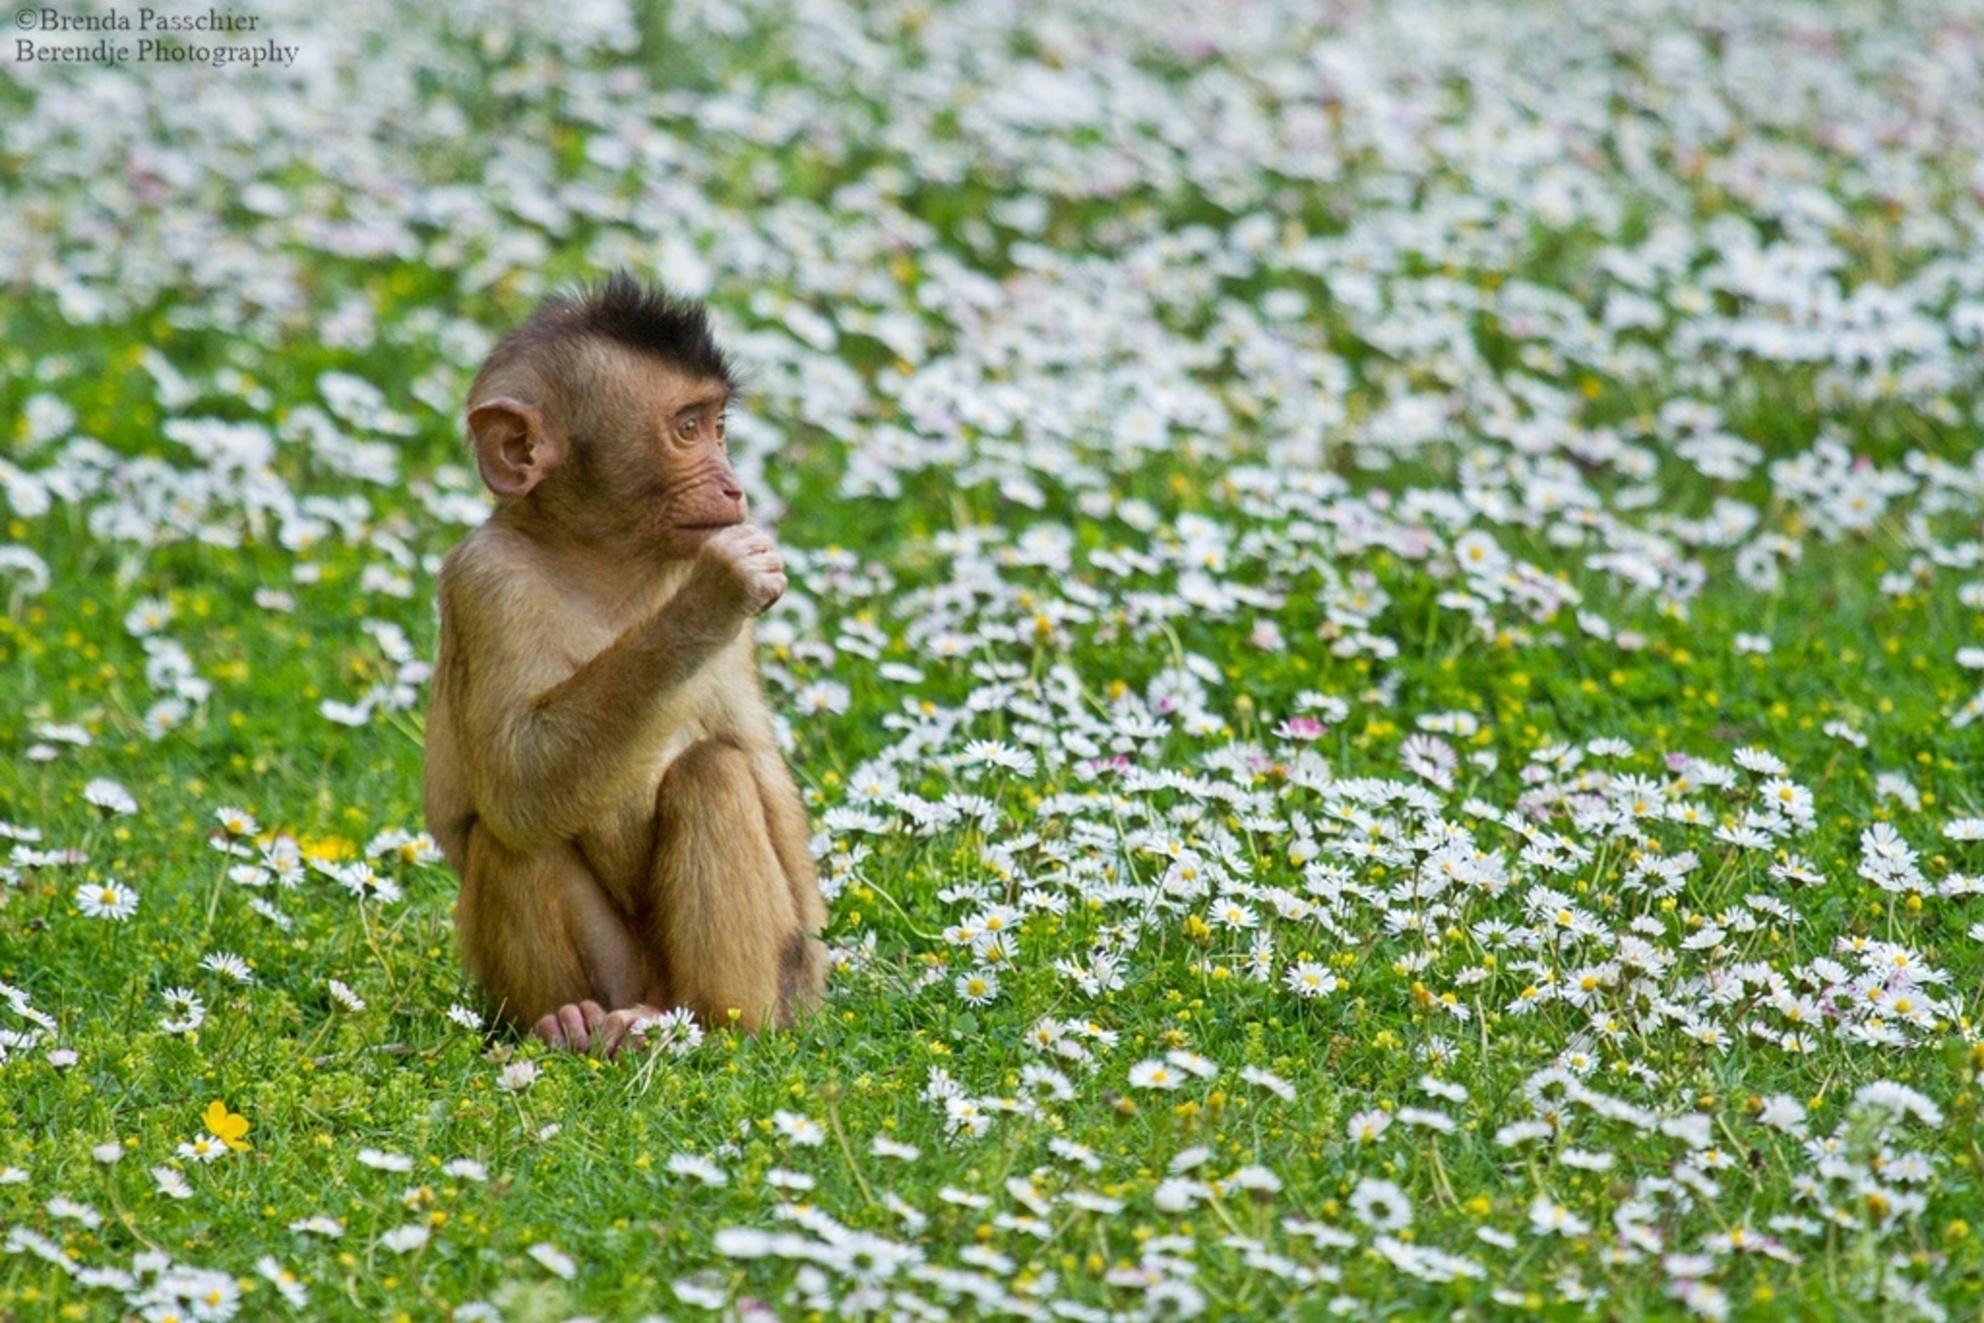 Genieten - Deze jonge Laponder aap geniet van het mooie weer tussen de madeliefjes. - foto door berendje_zoom op 14-05-2015 - deze foto bevat: dierentuin, natuur, dieren, safari, aap, afrika - Deze foto mag gebruikt worden in een Zoom.nl publicatie